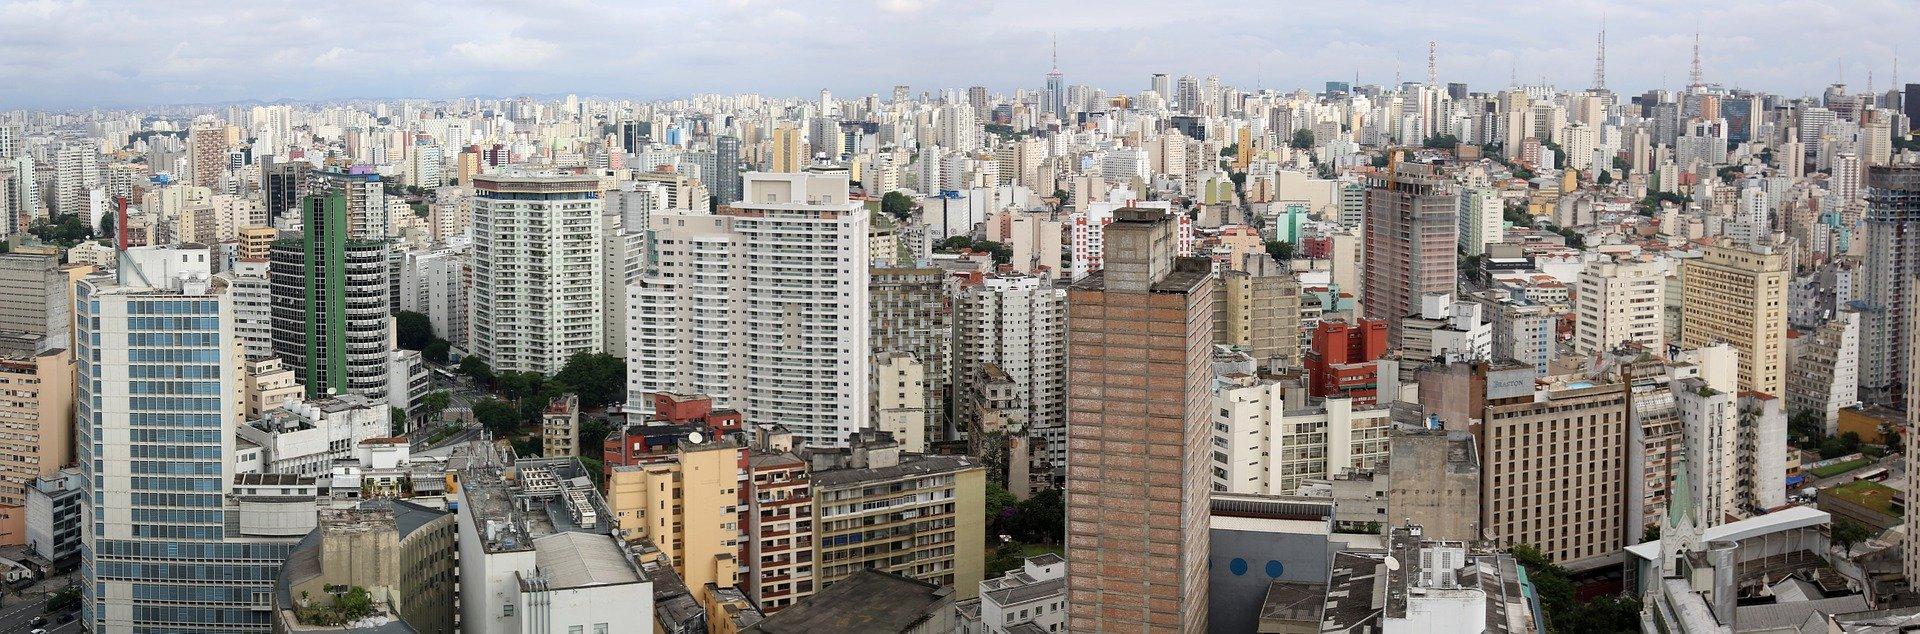 São Paulo, Brazil, Skyline